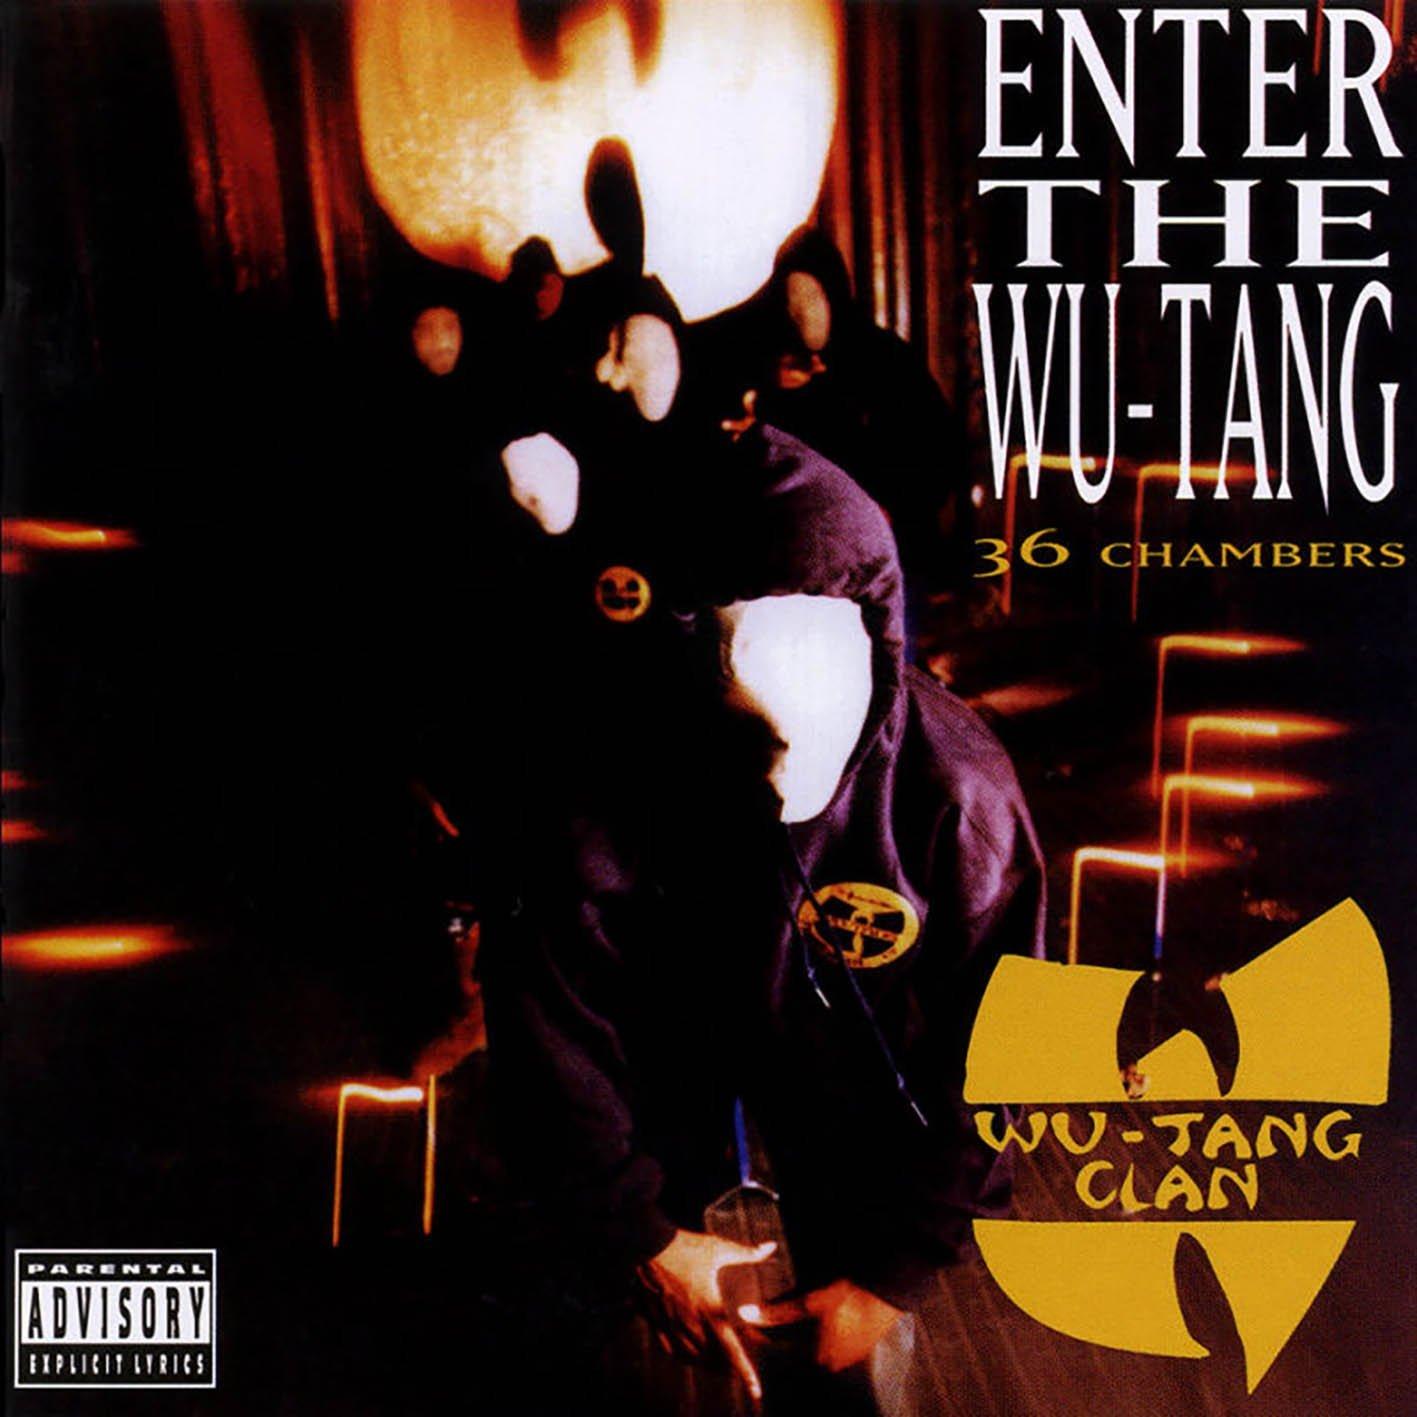 Wu-Tang Clan - Enter the Wu-Tang/36 Chambers Vinyl Record w/ AutoRip Mp3s $10.13